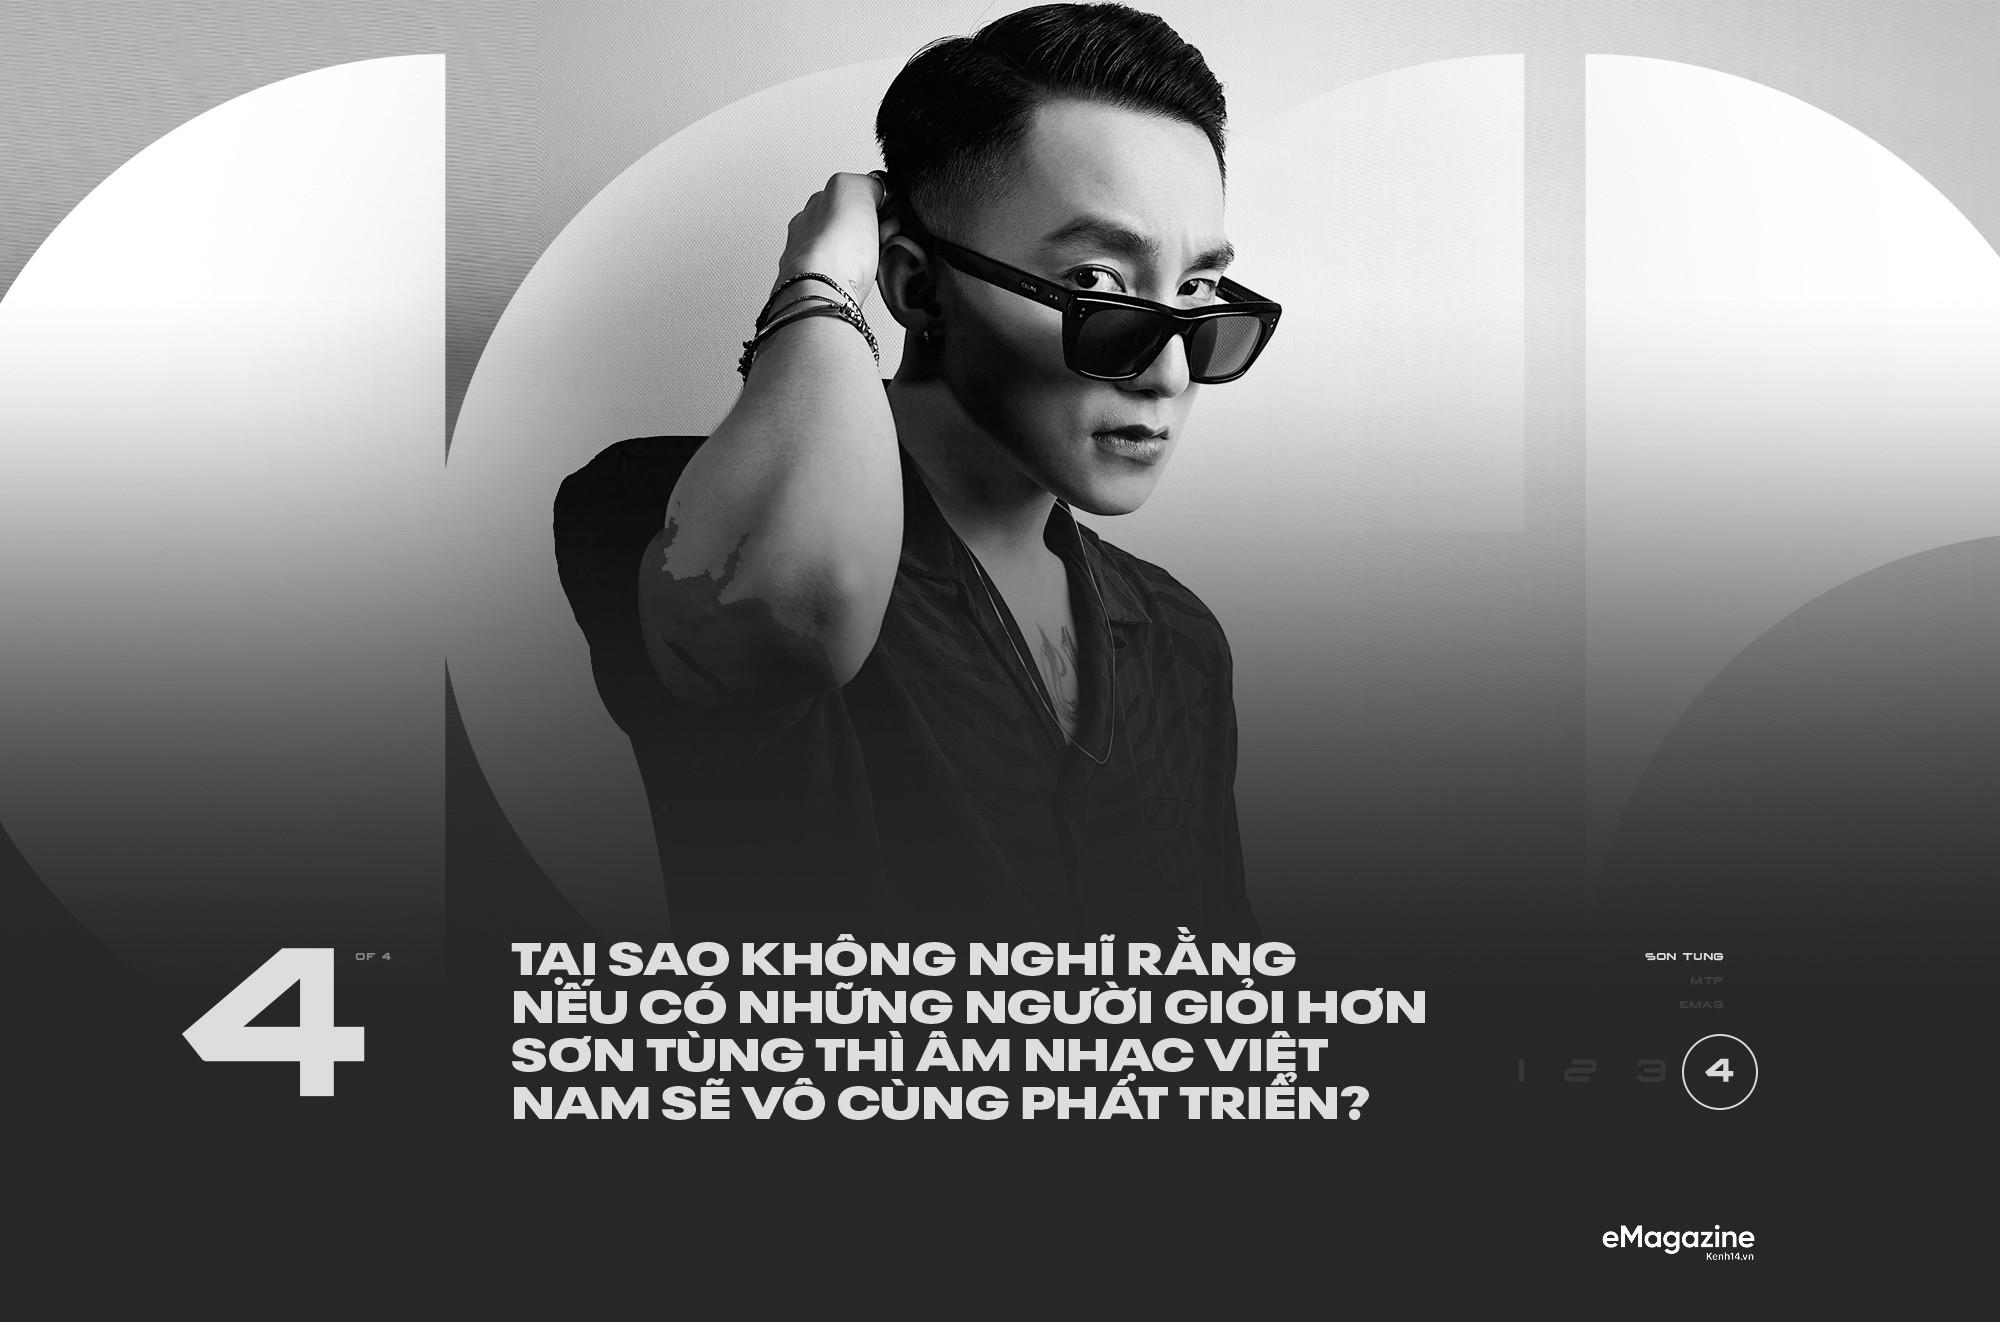 """Hãy trao cho anh và """"Áp lực là Sơn Tùng M-TP"""": Khi nào tôi đứng trên sân khấu ở bên Mỹ, hát bằng tiếng Anh, tiếng Việt thì nói chuyện tiếp - Ảnh 19."""